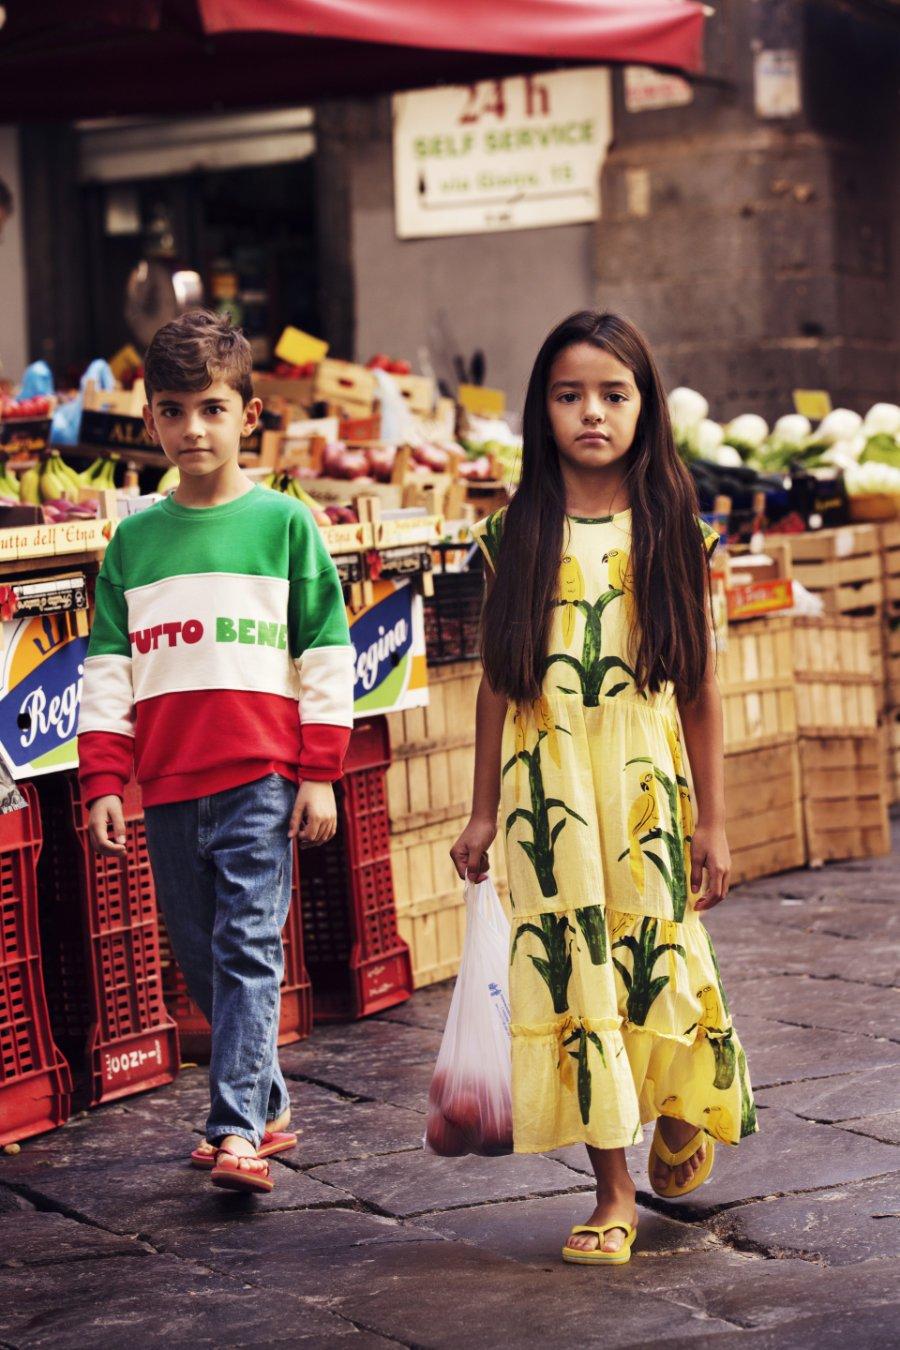 Zeit für einen Spuntino! Frisches Obst kauft man in Italien auf dem Mercato. Den ultimativen Italo-Look liefert das schwedische Label MINI RODINI